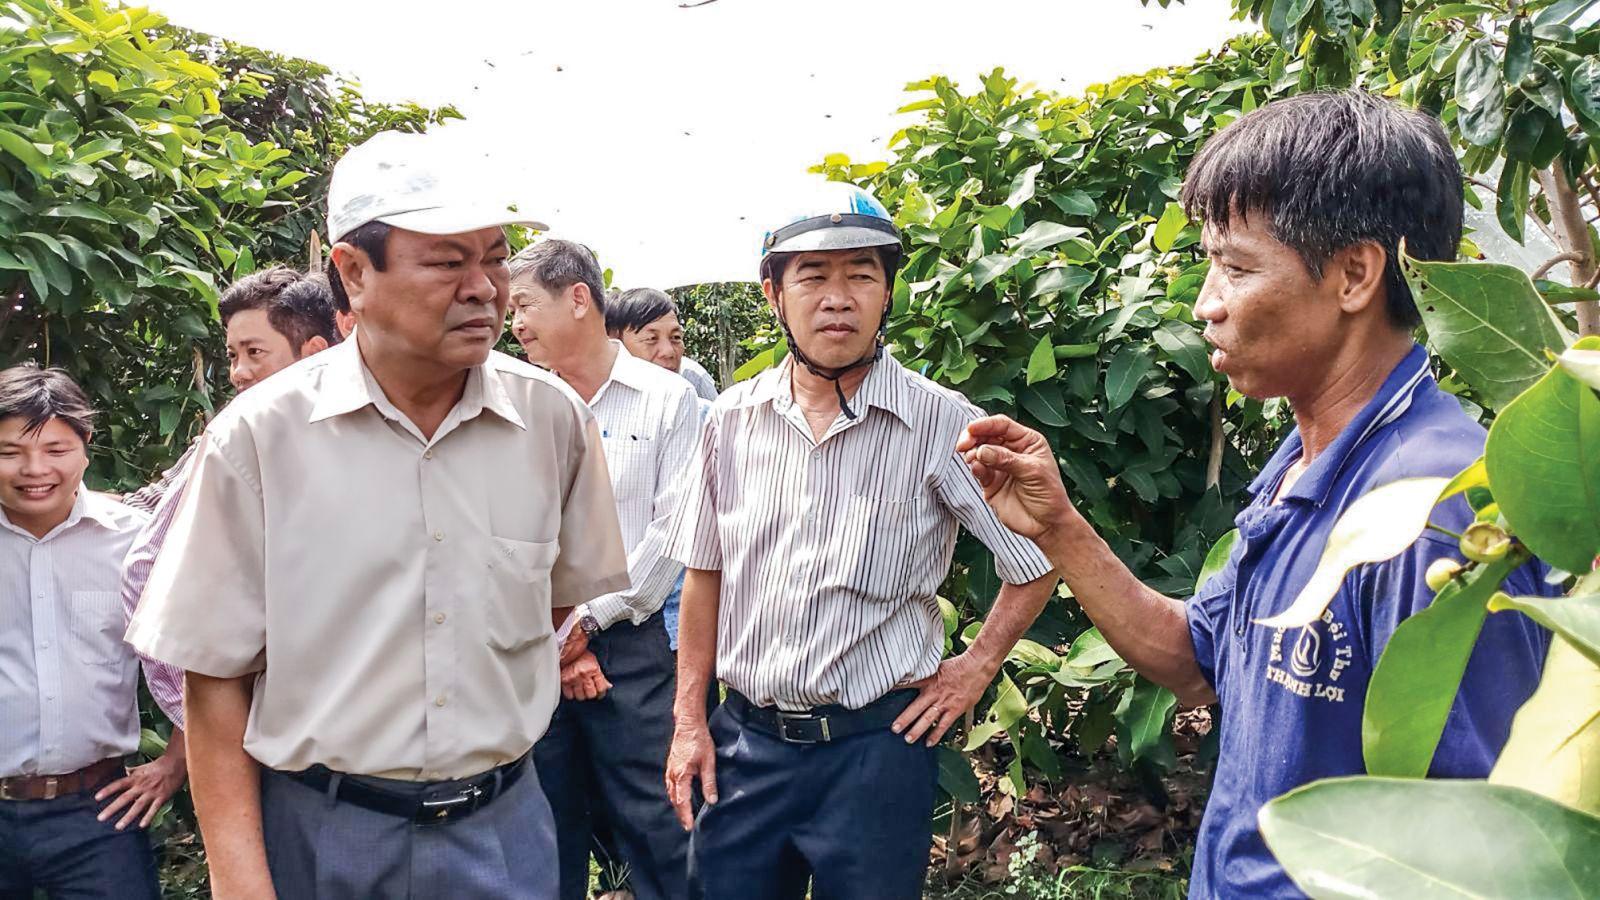 Lãnh đạo huyện Vĩnh Thạnh thăm vườn cây ăn trái của anh Đinh Văn Bá. Ảnh: MINH HẢI